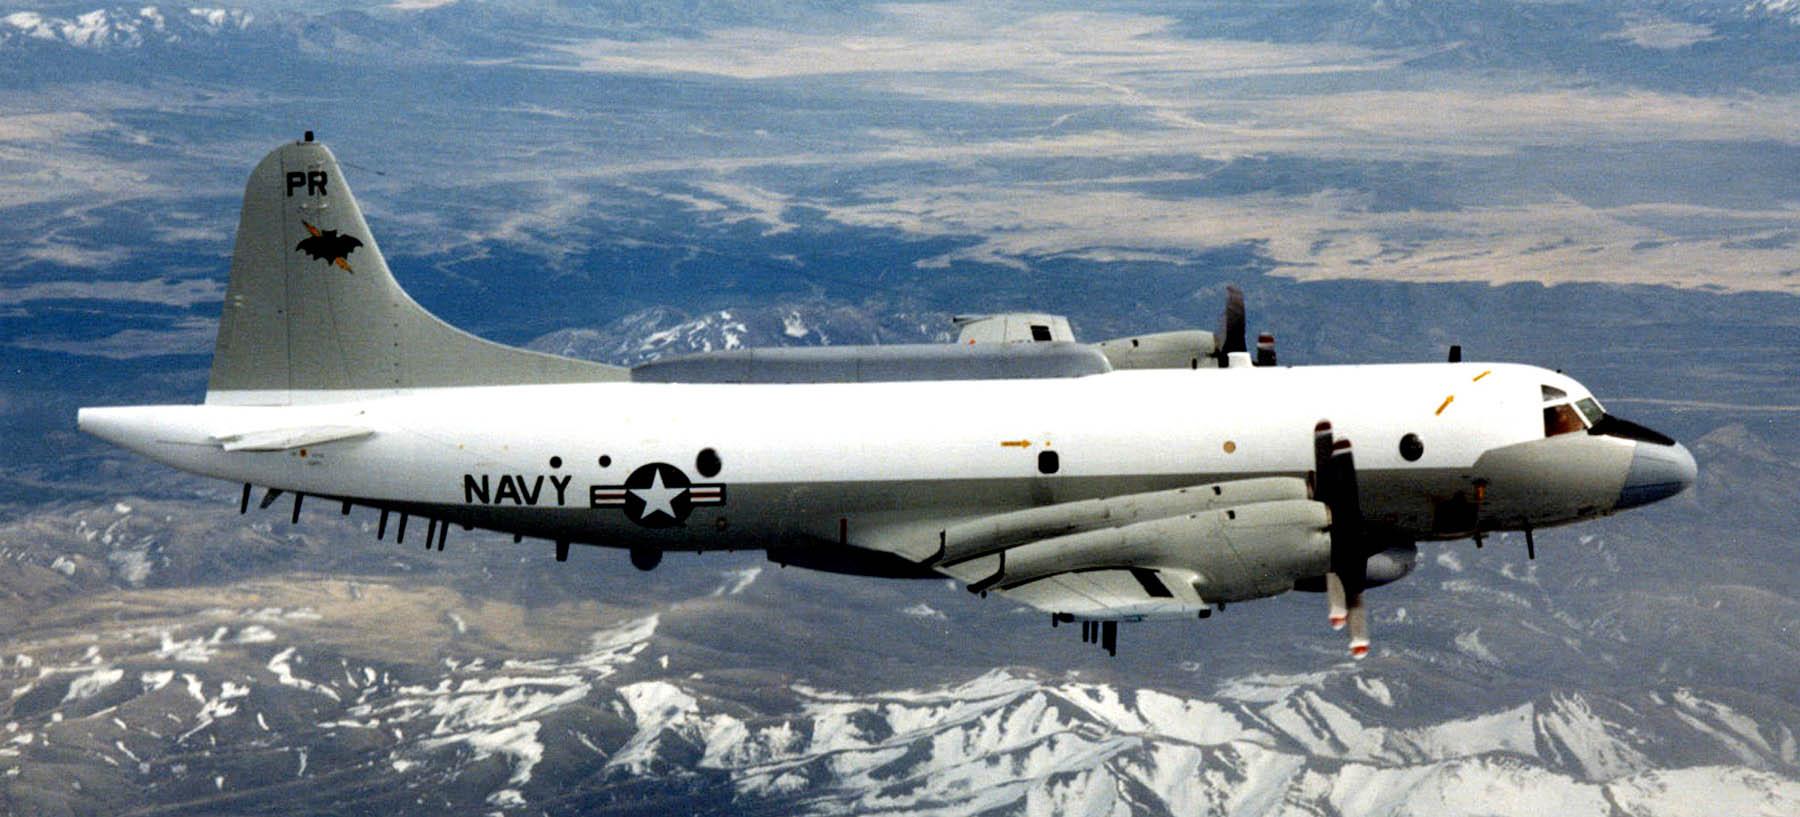 Lockheed EP-3 elektronikai felderítő repülőgép. (A kép forrása: http://fly.historicwings.com/wp-content/uploads/2013/04/HighFlight-HainanIncident4.jpg)